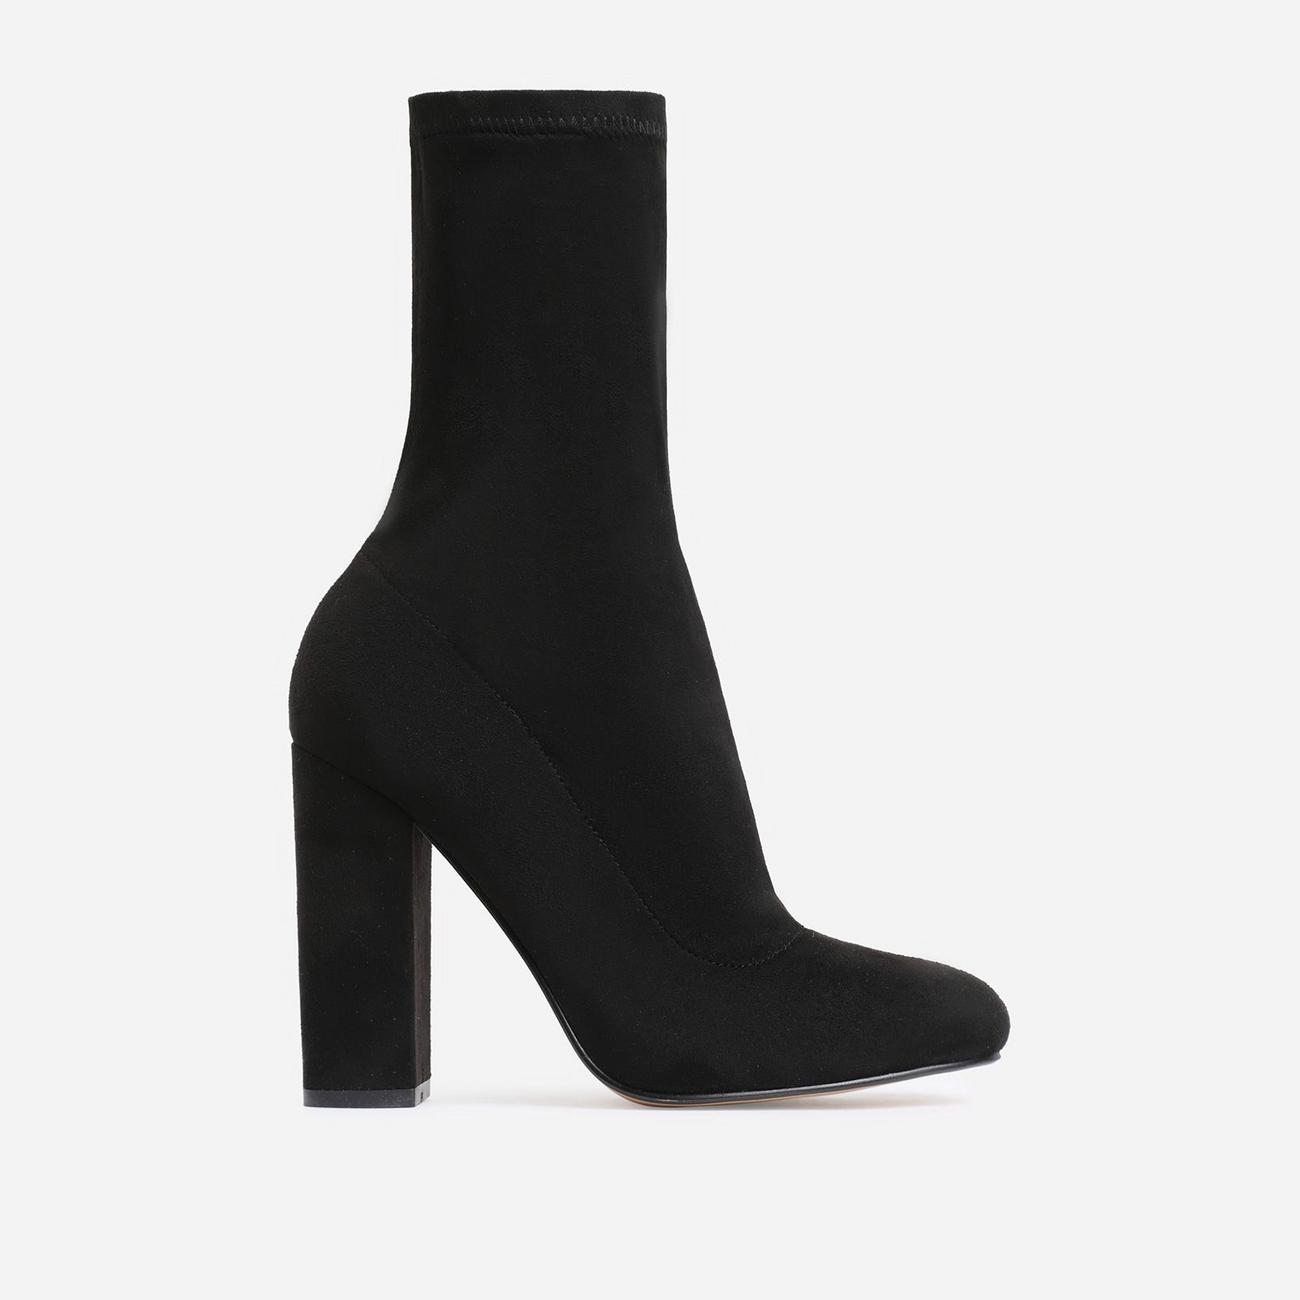 Hayden Block Heel Sock Boot In Black Faux Suede Image 1